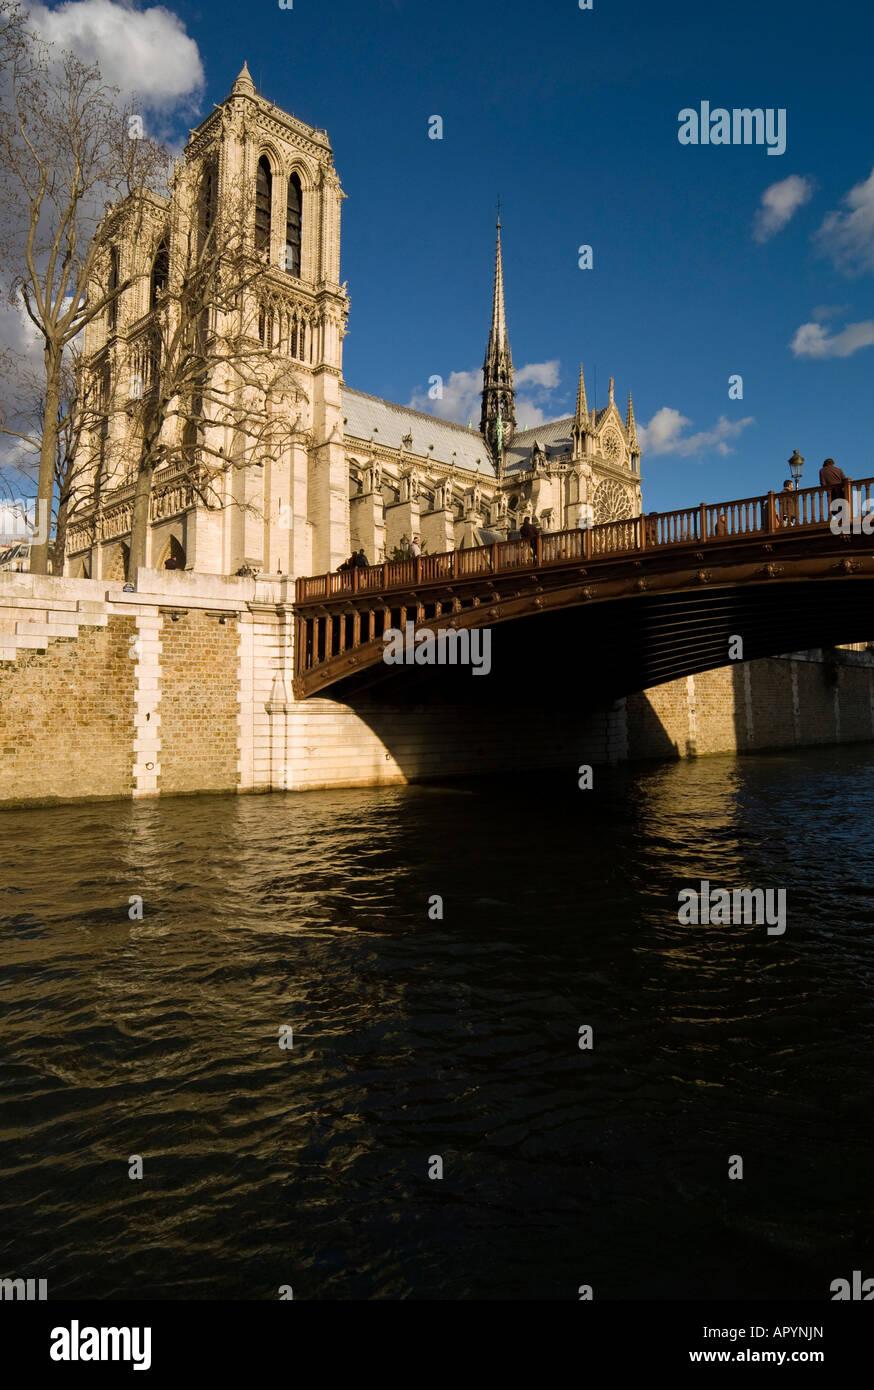 Notre Dame Cathedral Pont au Double Seine Paris France - Stock Image